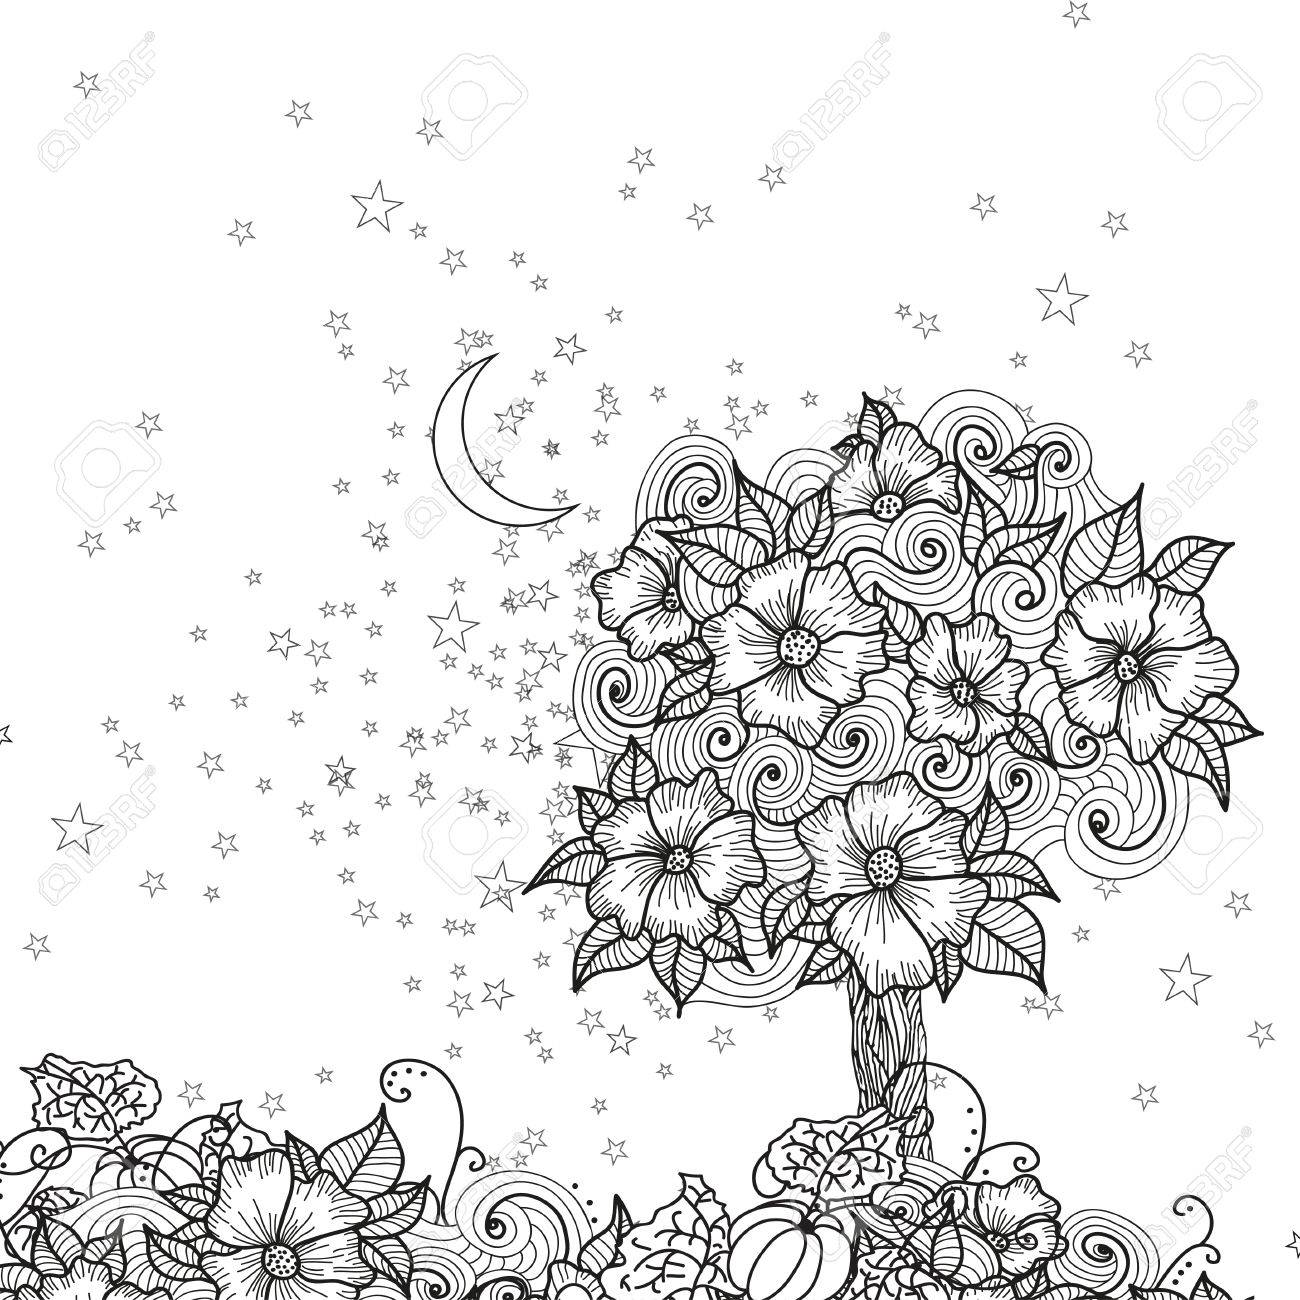 Diseño Tarjeta De La Noche Con Flores De Bosquejo Y Las Estrellas Y La Luna Para Colorear Ilustración Del Vector